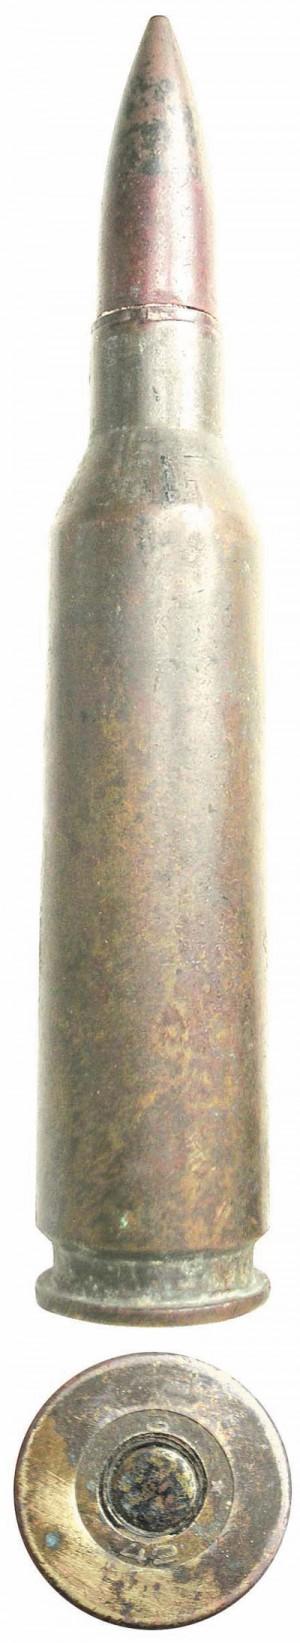 14,5-мм патрон БС-41, найденный на местах боев за освобождение Киева